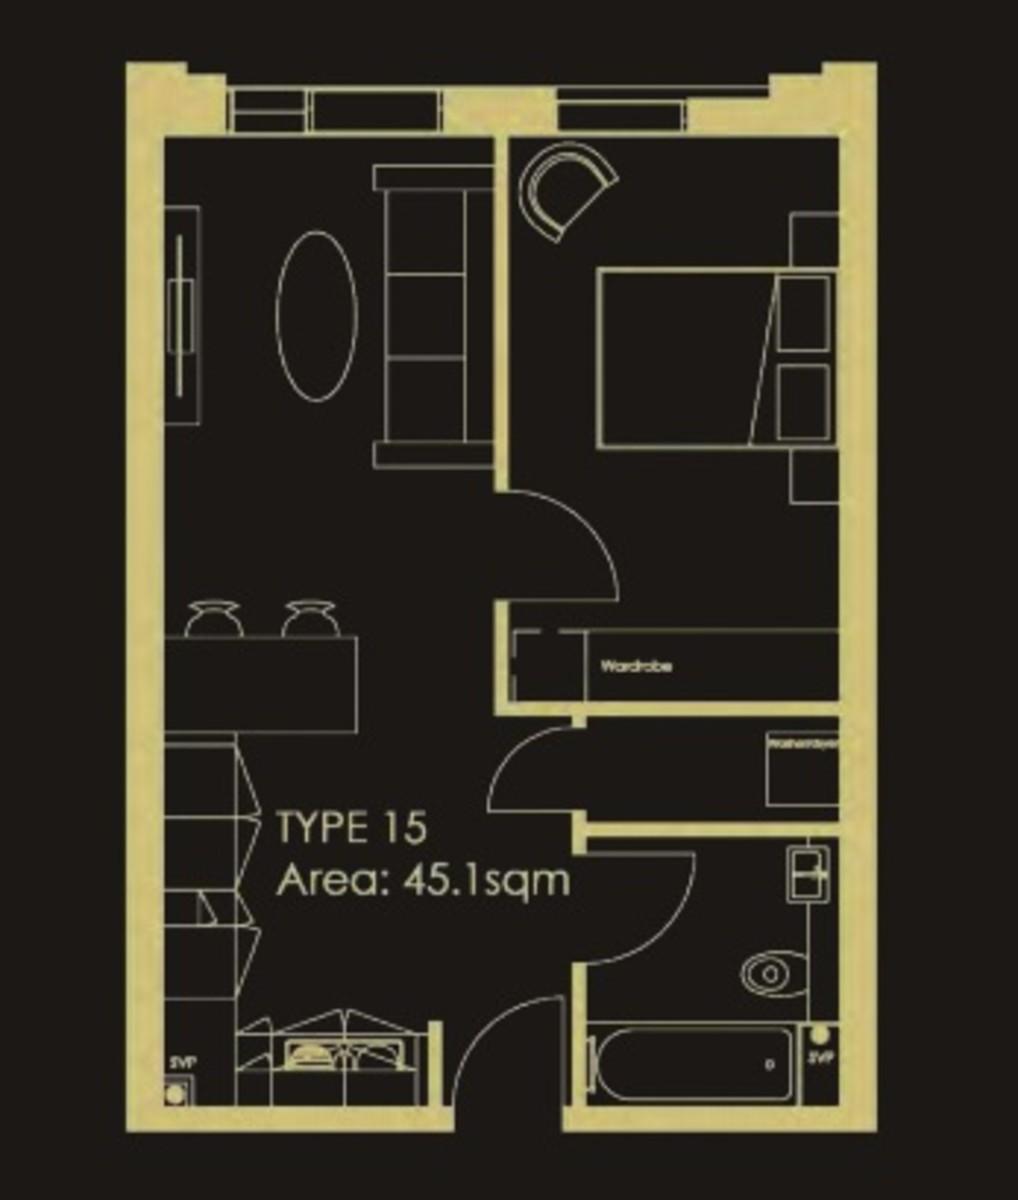 Axium, Windmill Street, Birmingham floorplan 1 of 1